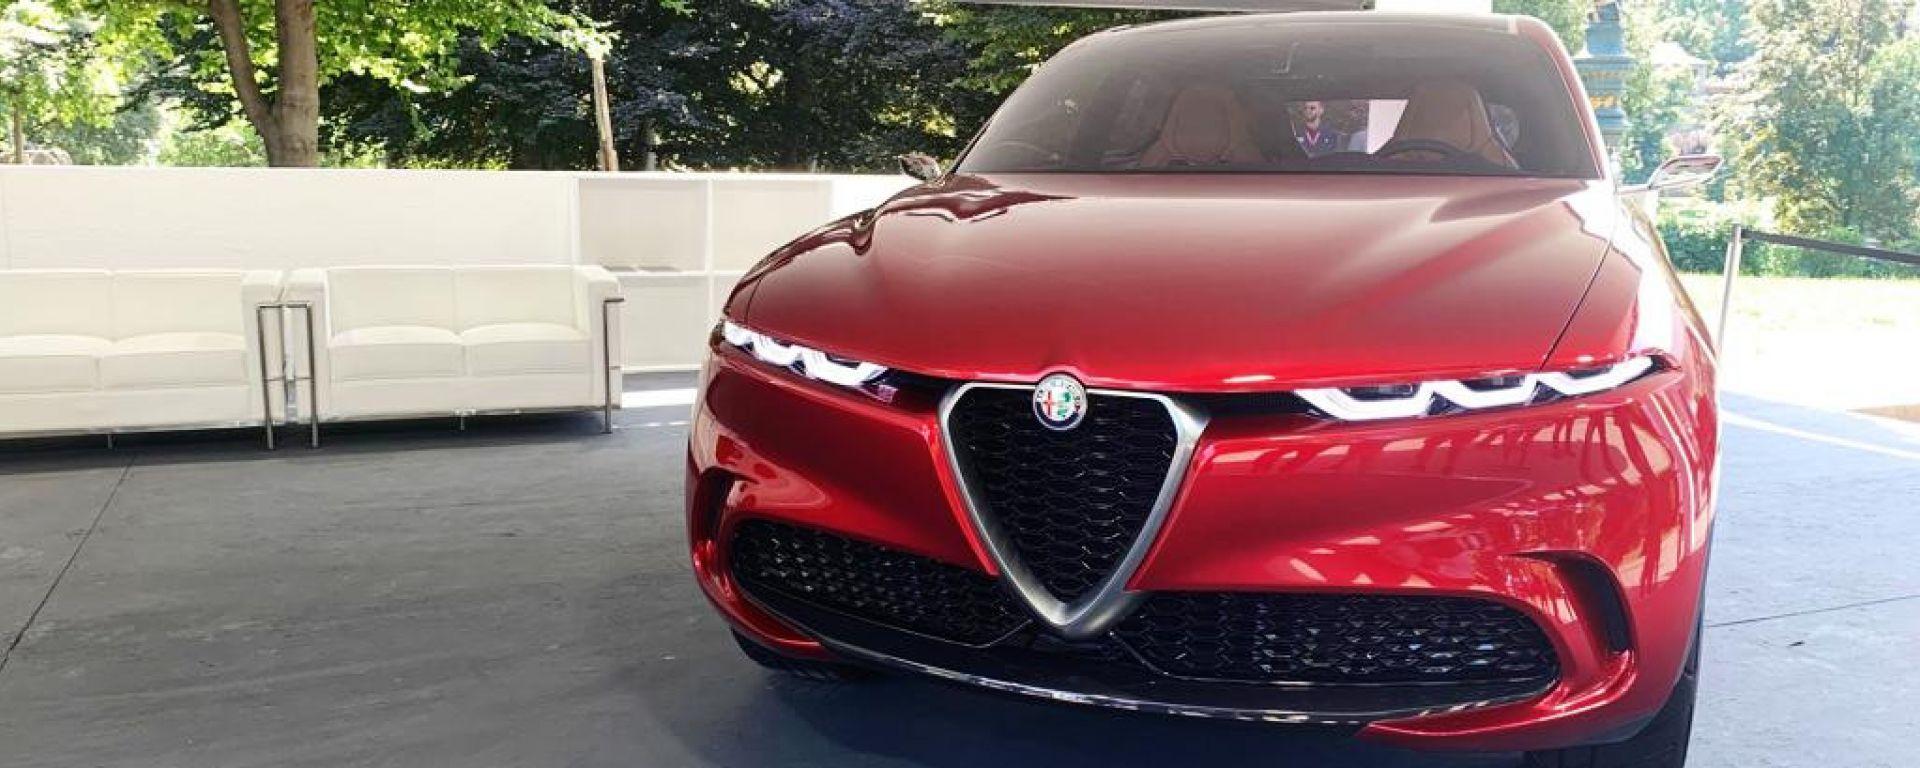 Alfa Romeo Tonale: al Parco Valentino abbiamo scoperto che...